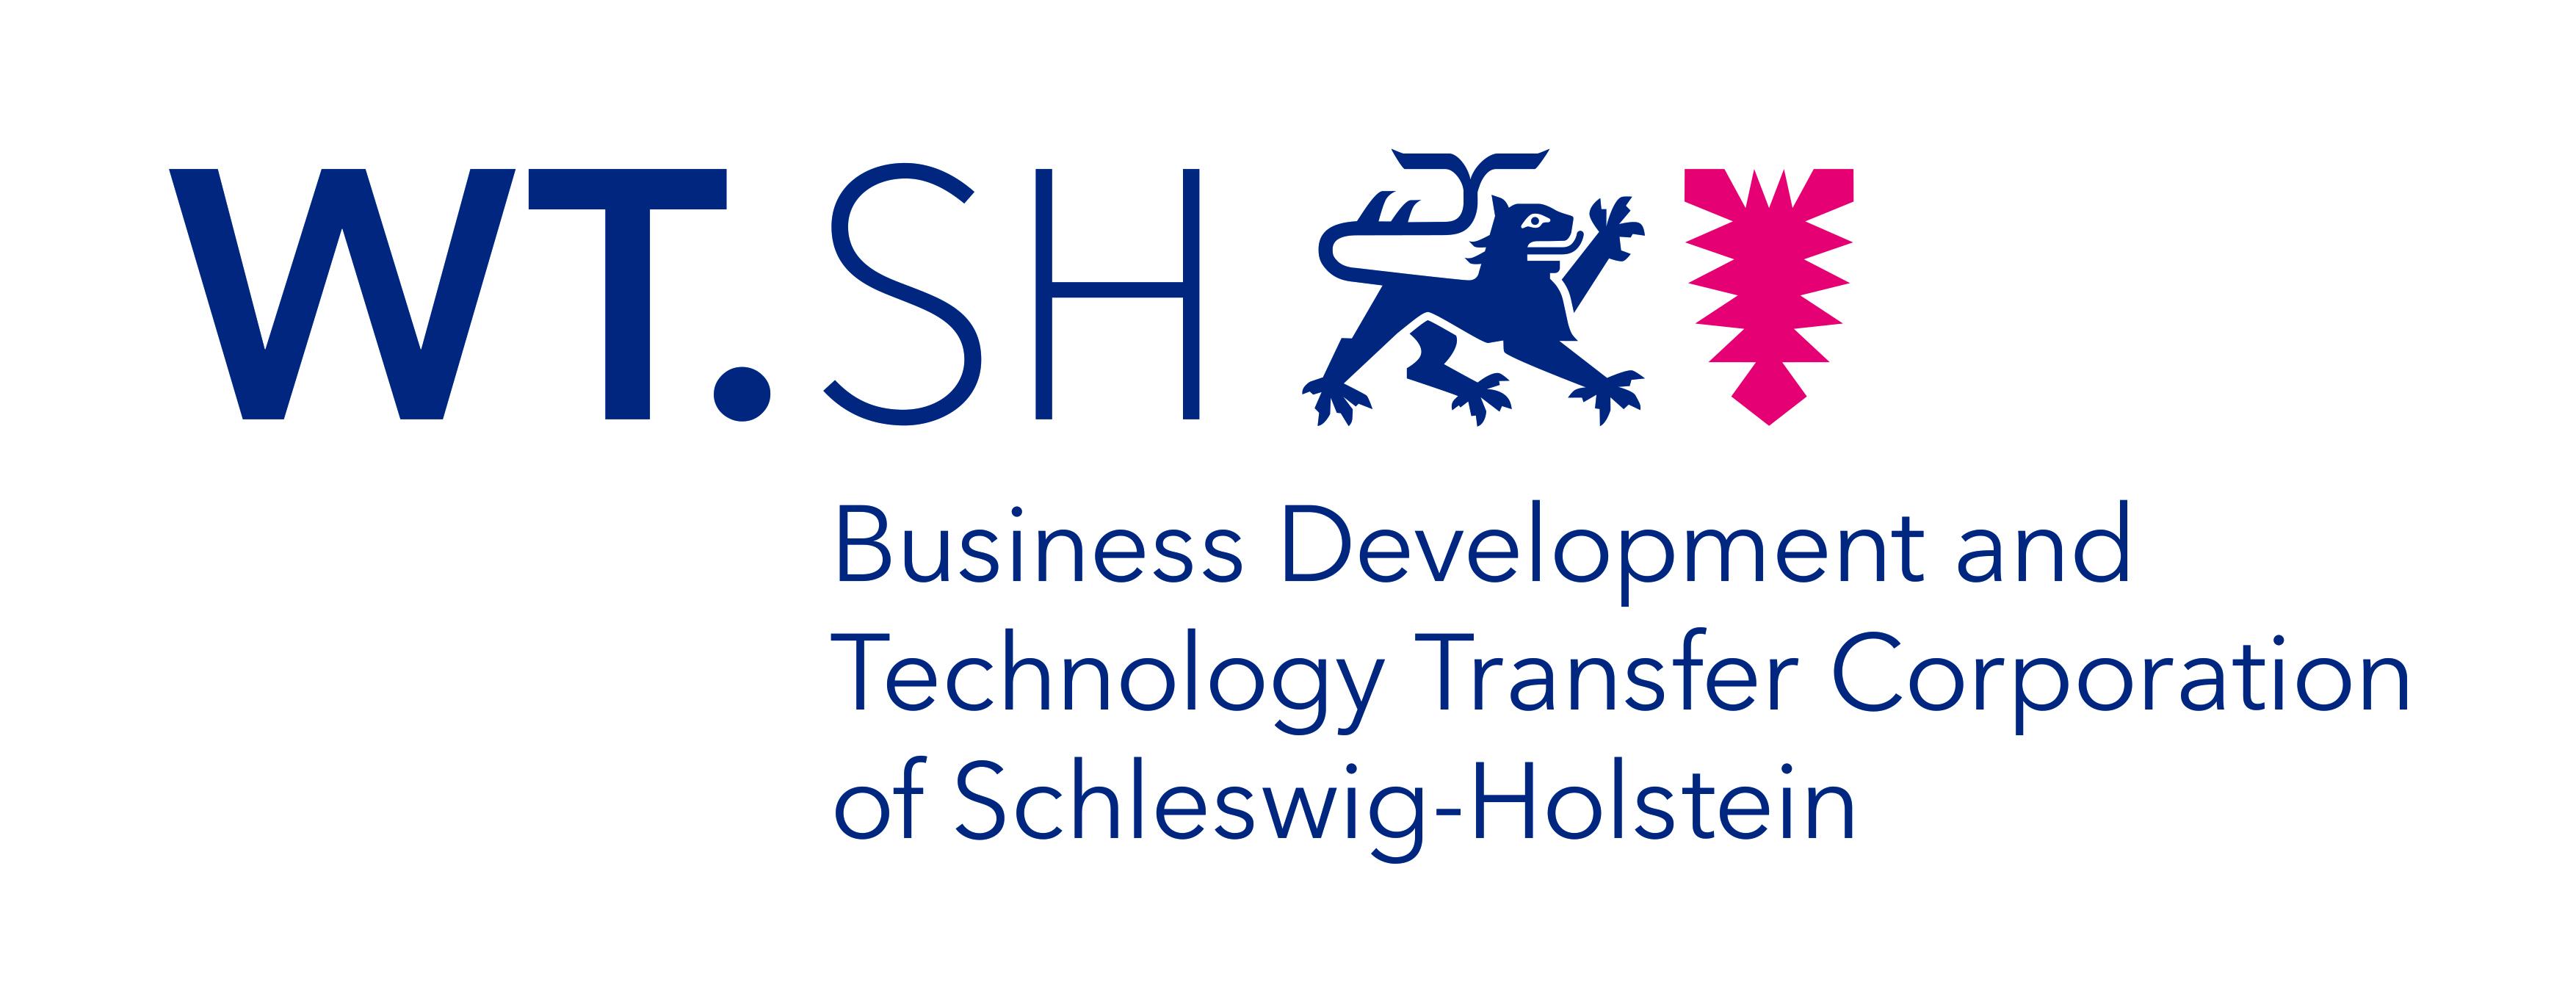 WTSH GmbH